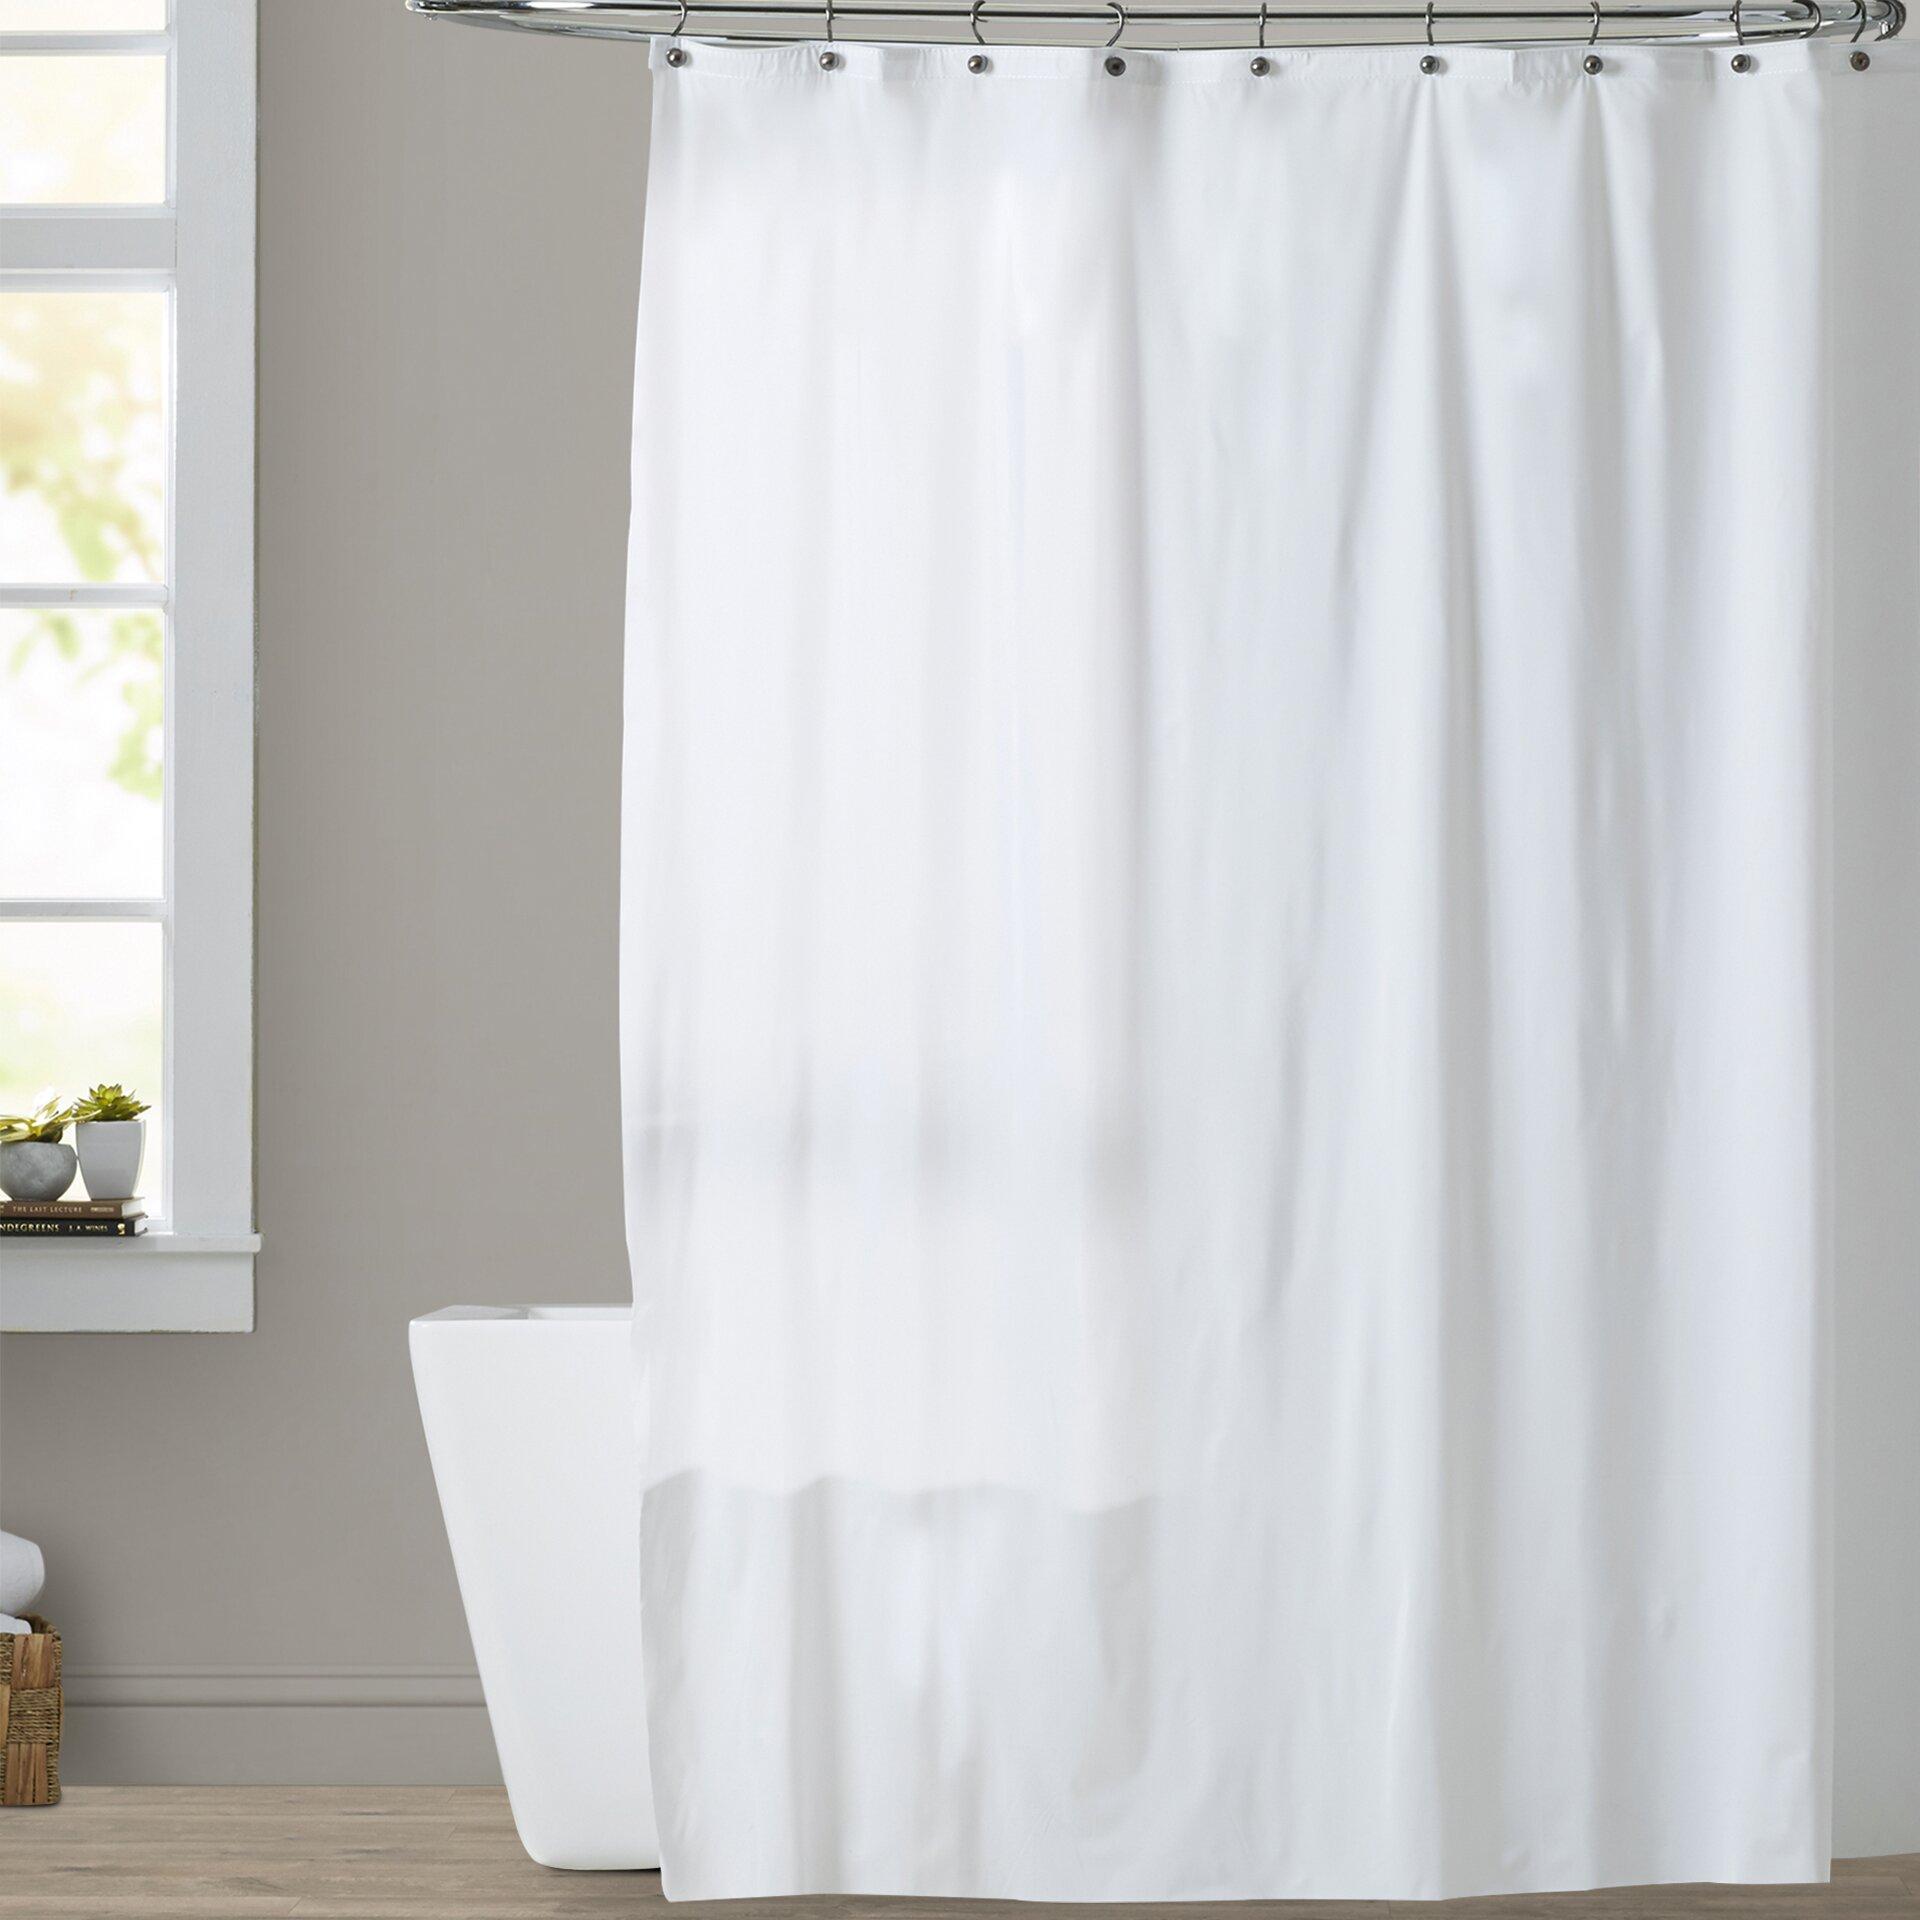 Symple Stuff 10 Gauge Mildew Resistant Vinyl Shower Curtain Liner Reviews Wayfair